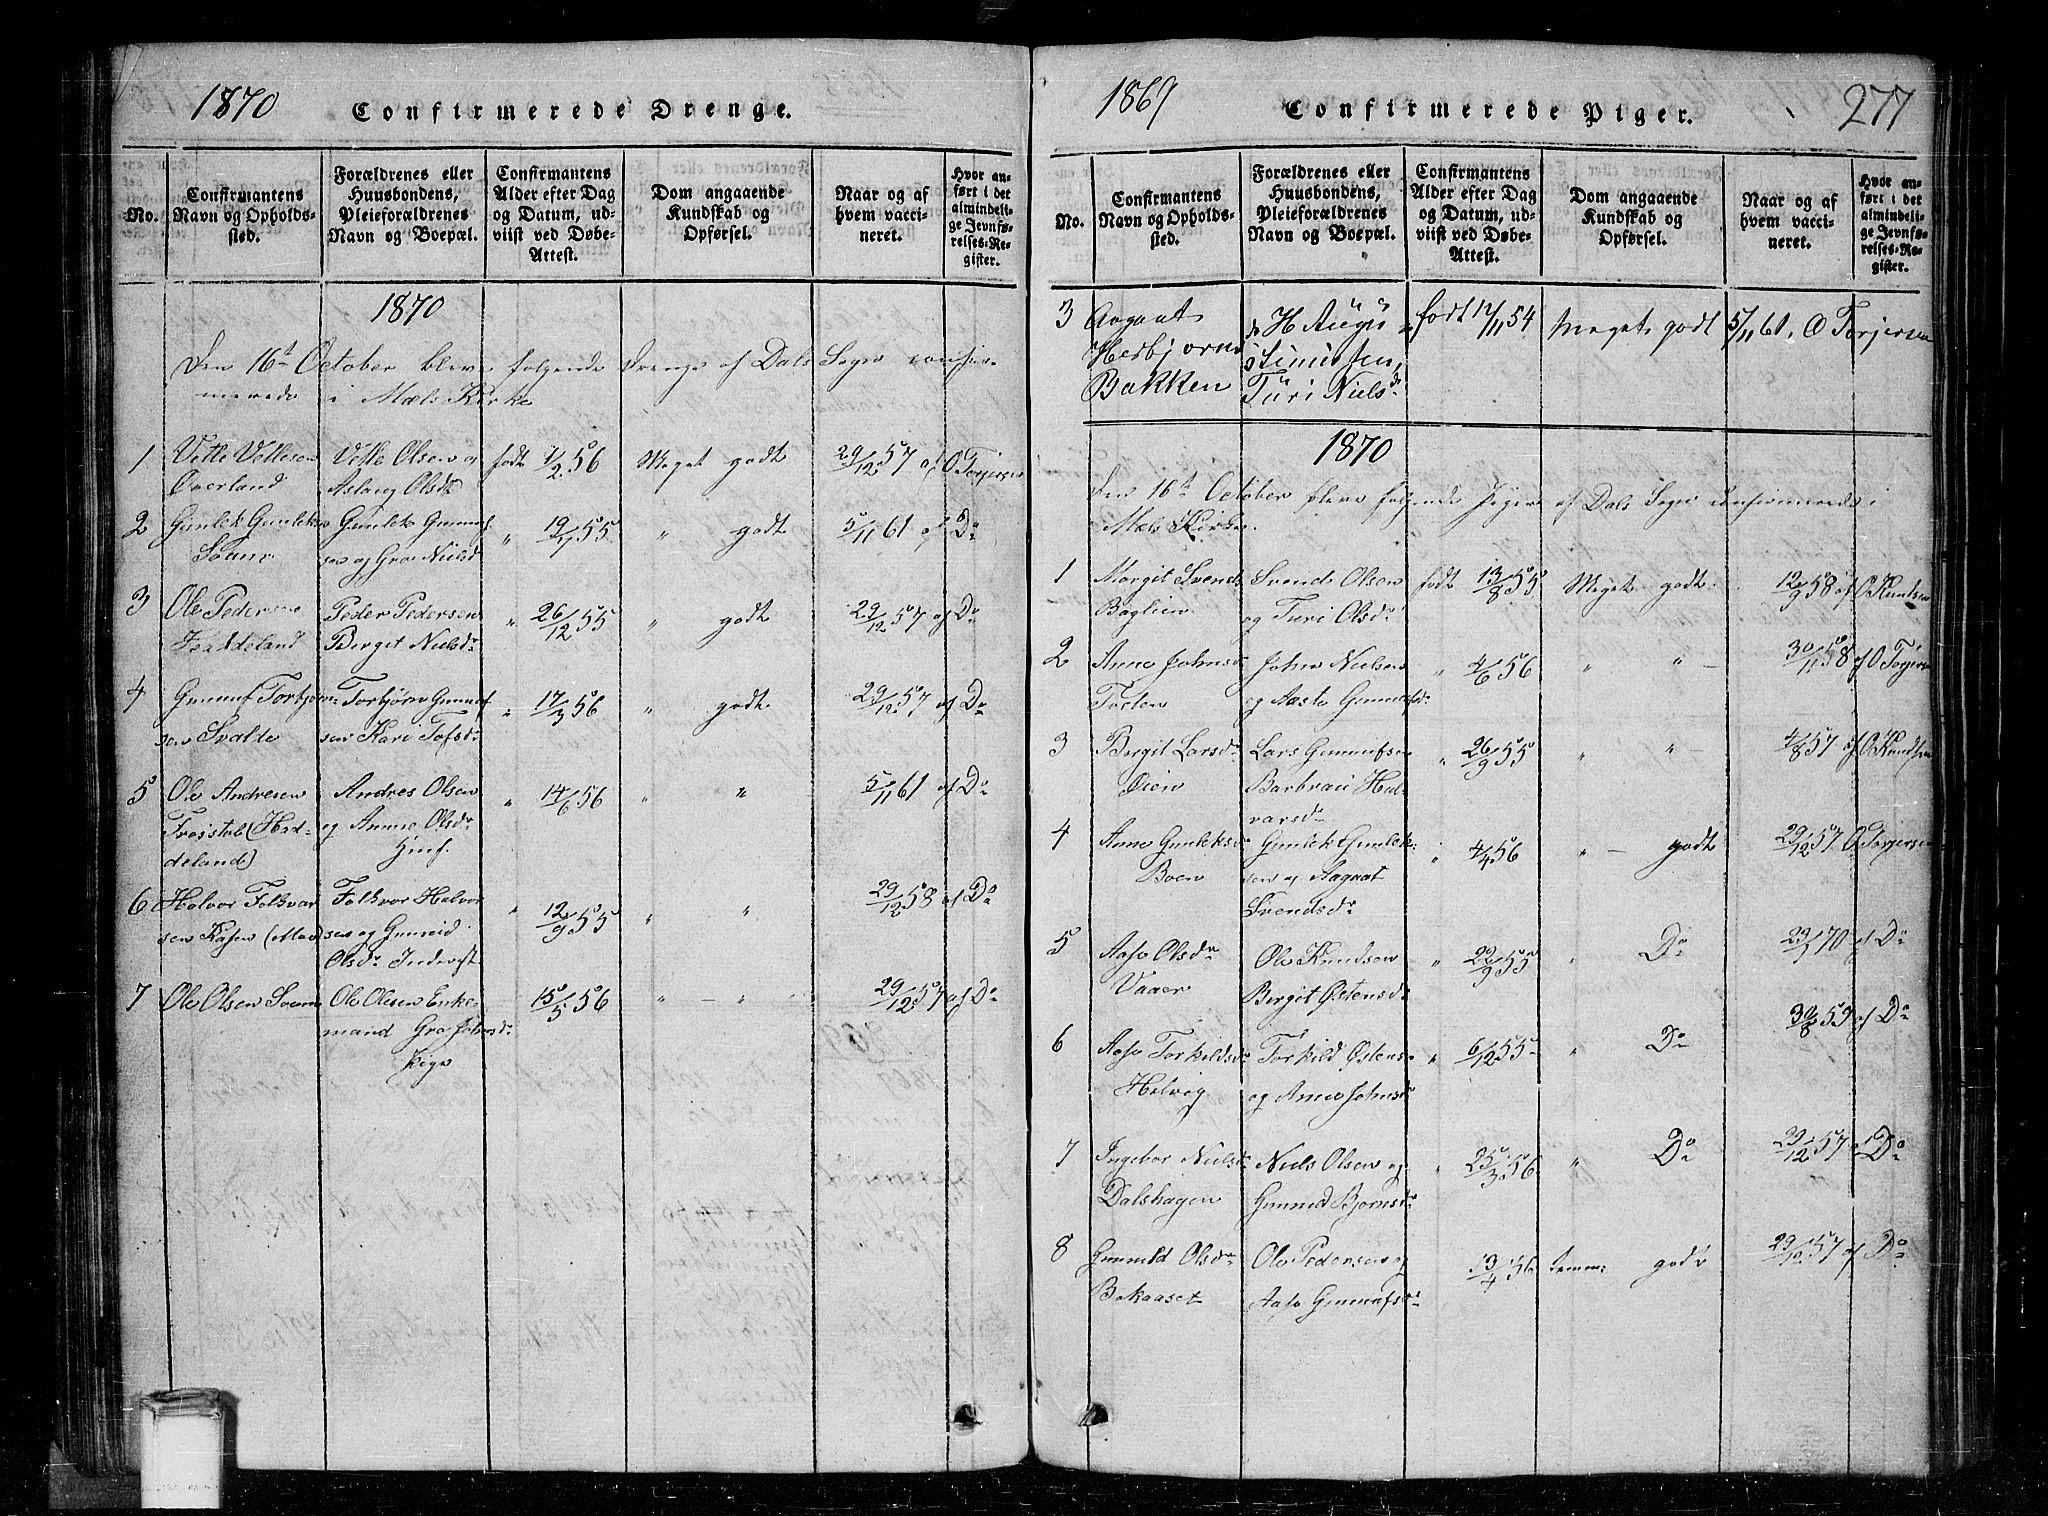 SAKO, Tinn kirkebøker, G/Gc/L0001: Klokkerbok nr. III 1, 1815-1879, s. 277